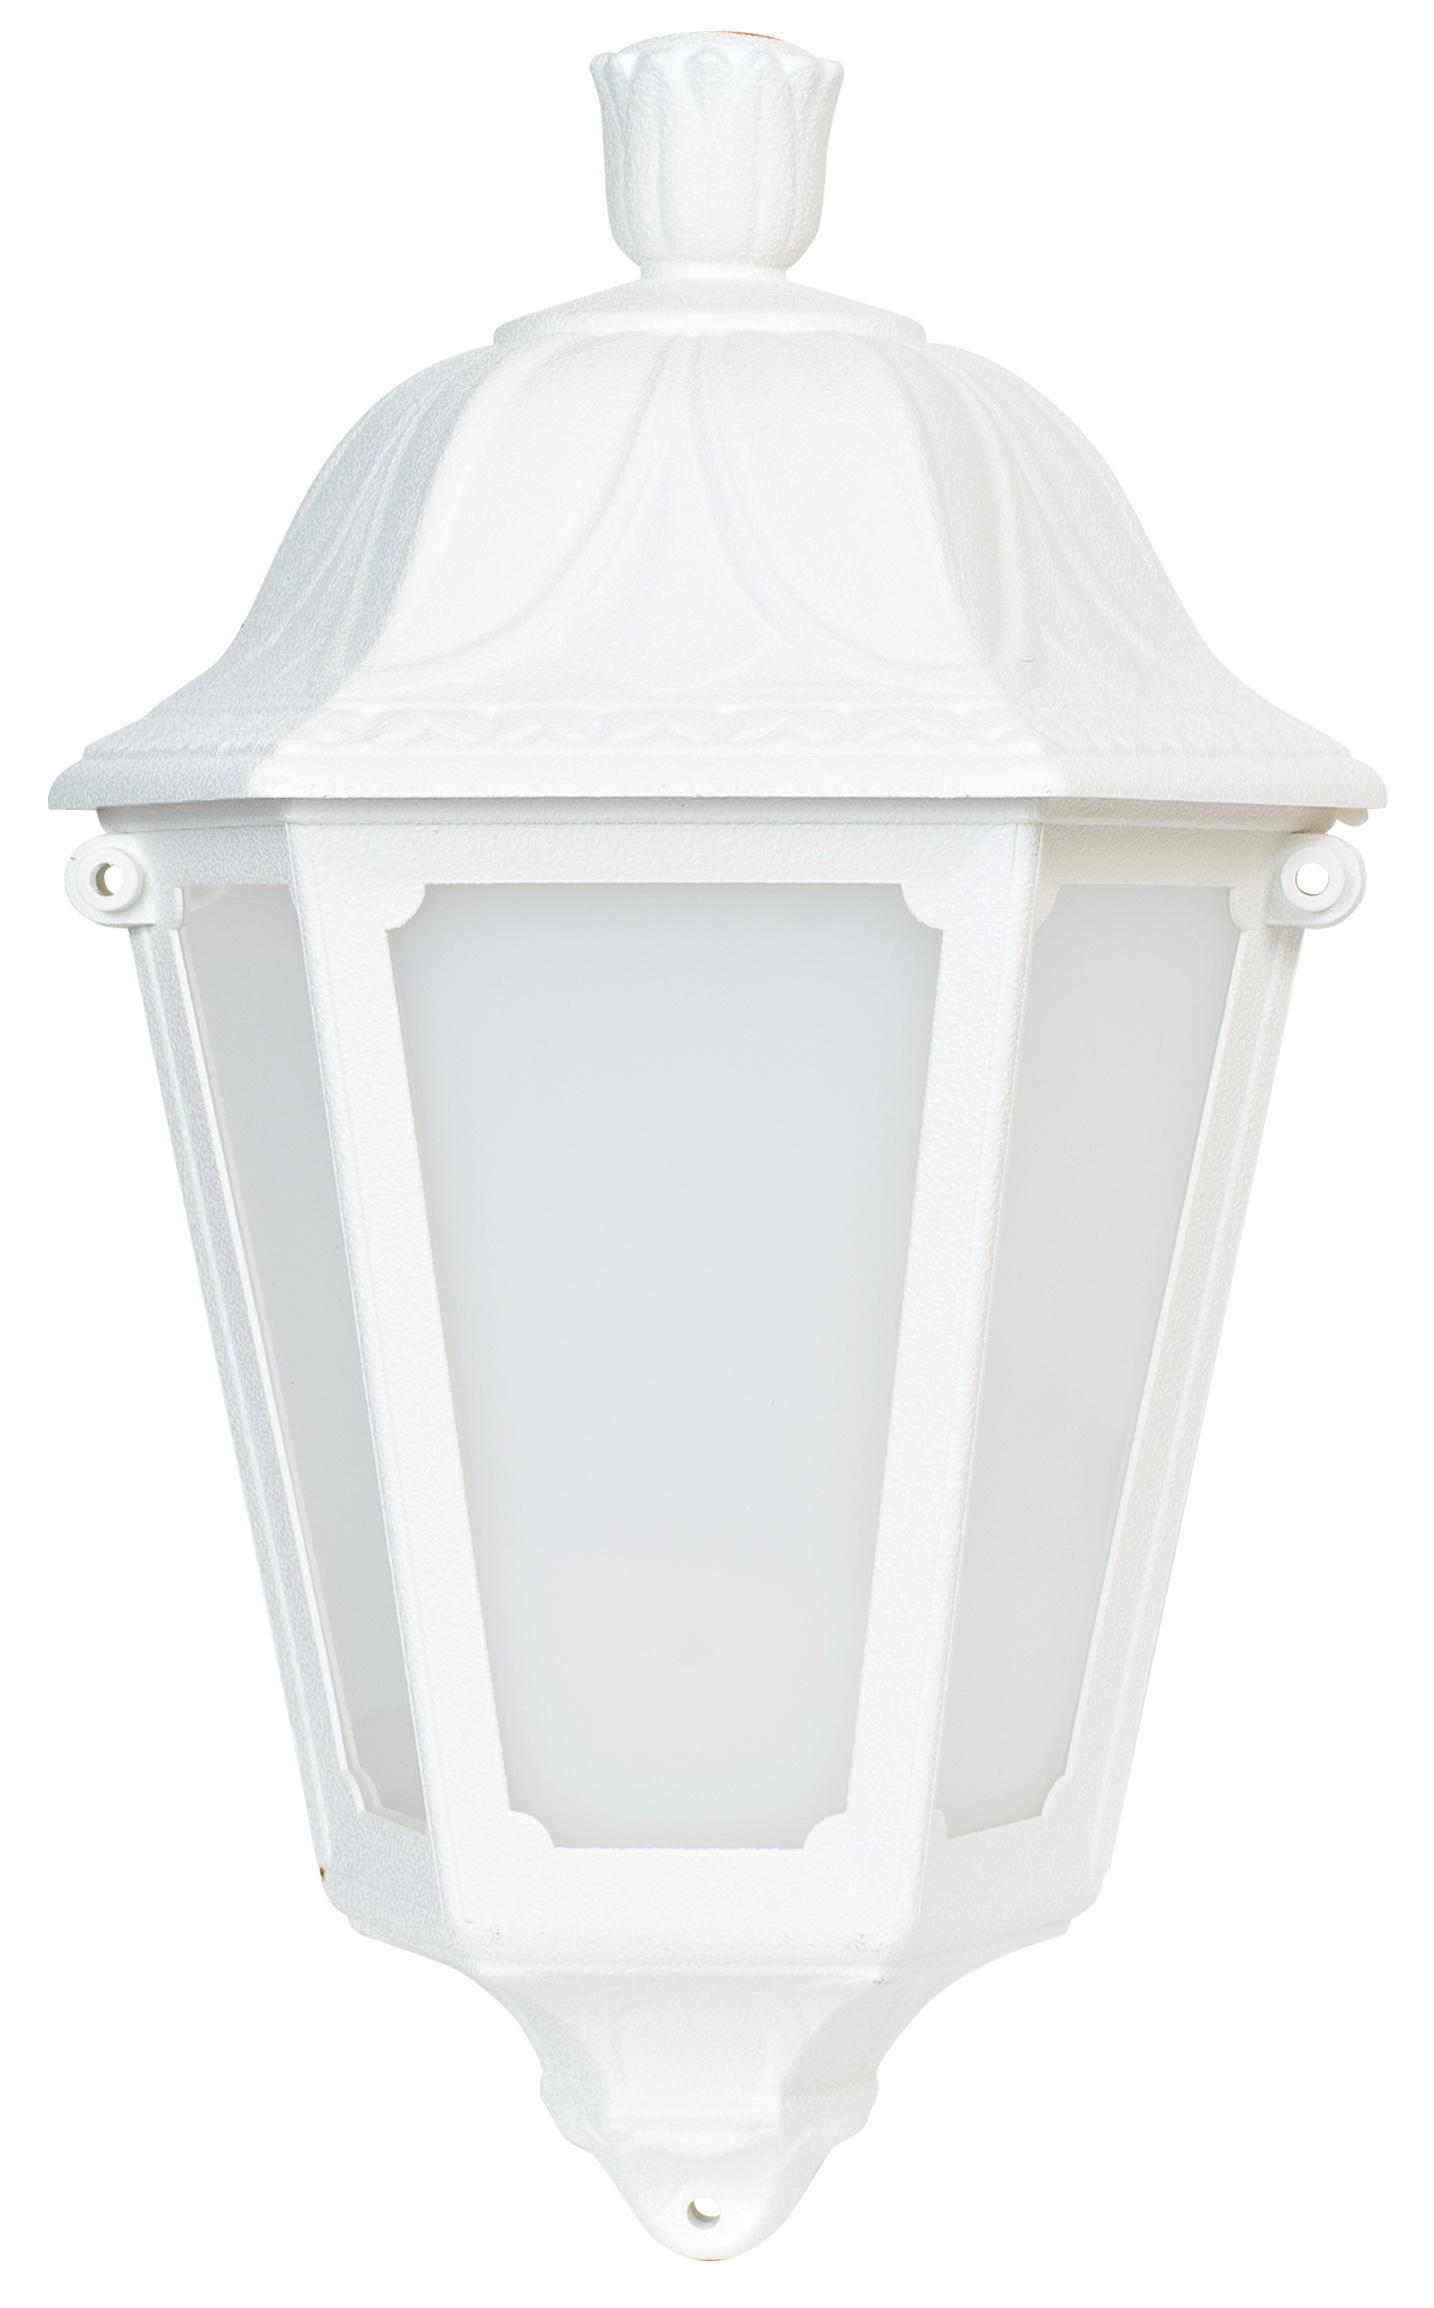 Светильник Fumagalli Iesse wm, уличный, производство: Италия, белый матовый